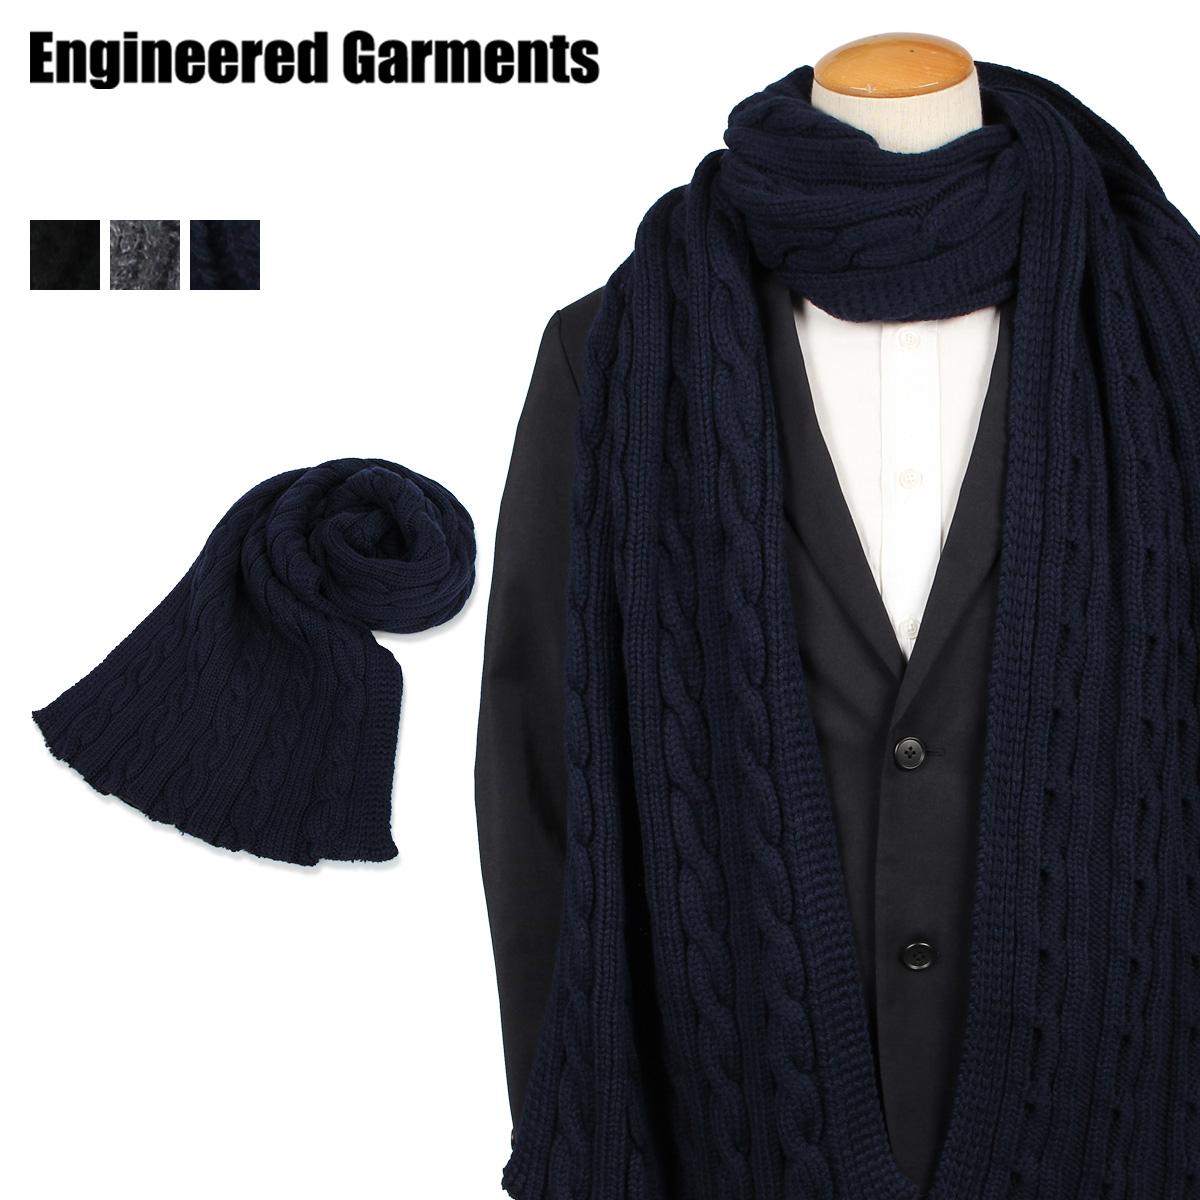 ENGINEERED GARMENTS KNIT SCARF エンジニアドガーメンツ マフラー ストール メンズ ブラック グレー ネイビー 黒 19FH018